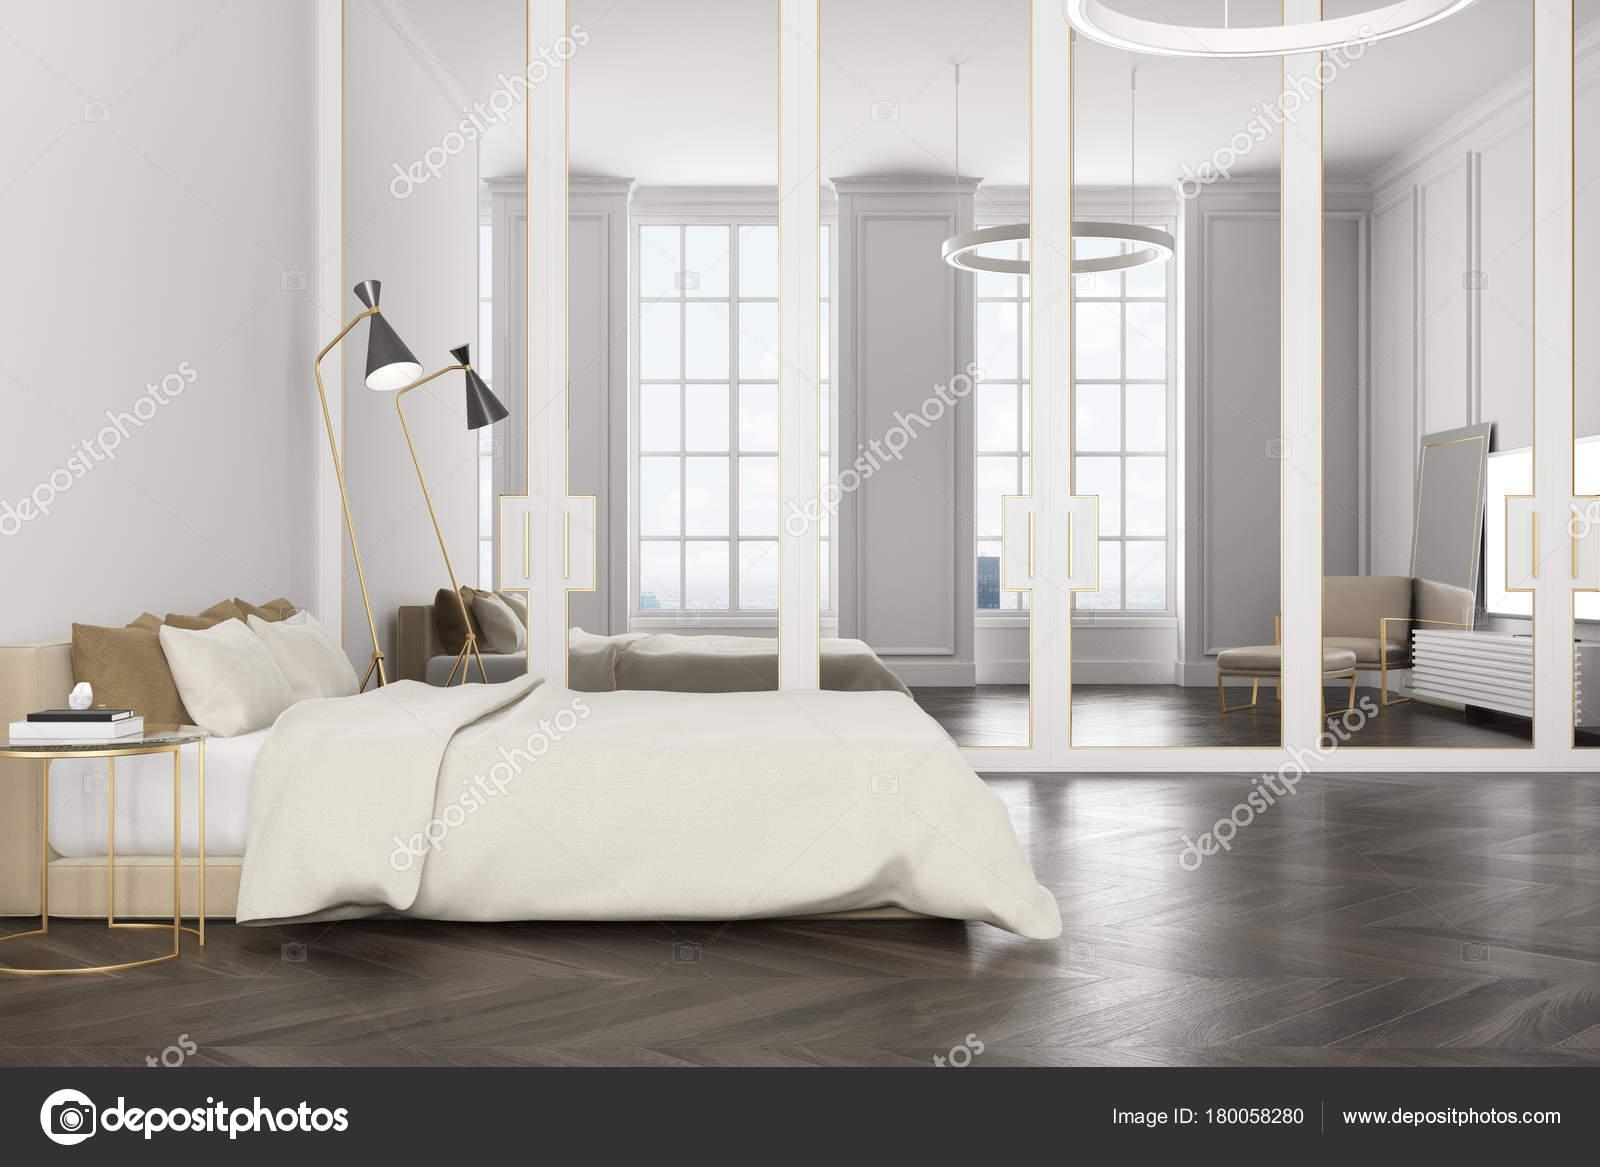 https://st3.depositphotos.com/2673929/18005/i/1600/depositphotos_180058280-stock-photo-white-bedroom-interior-a-tv.jpg